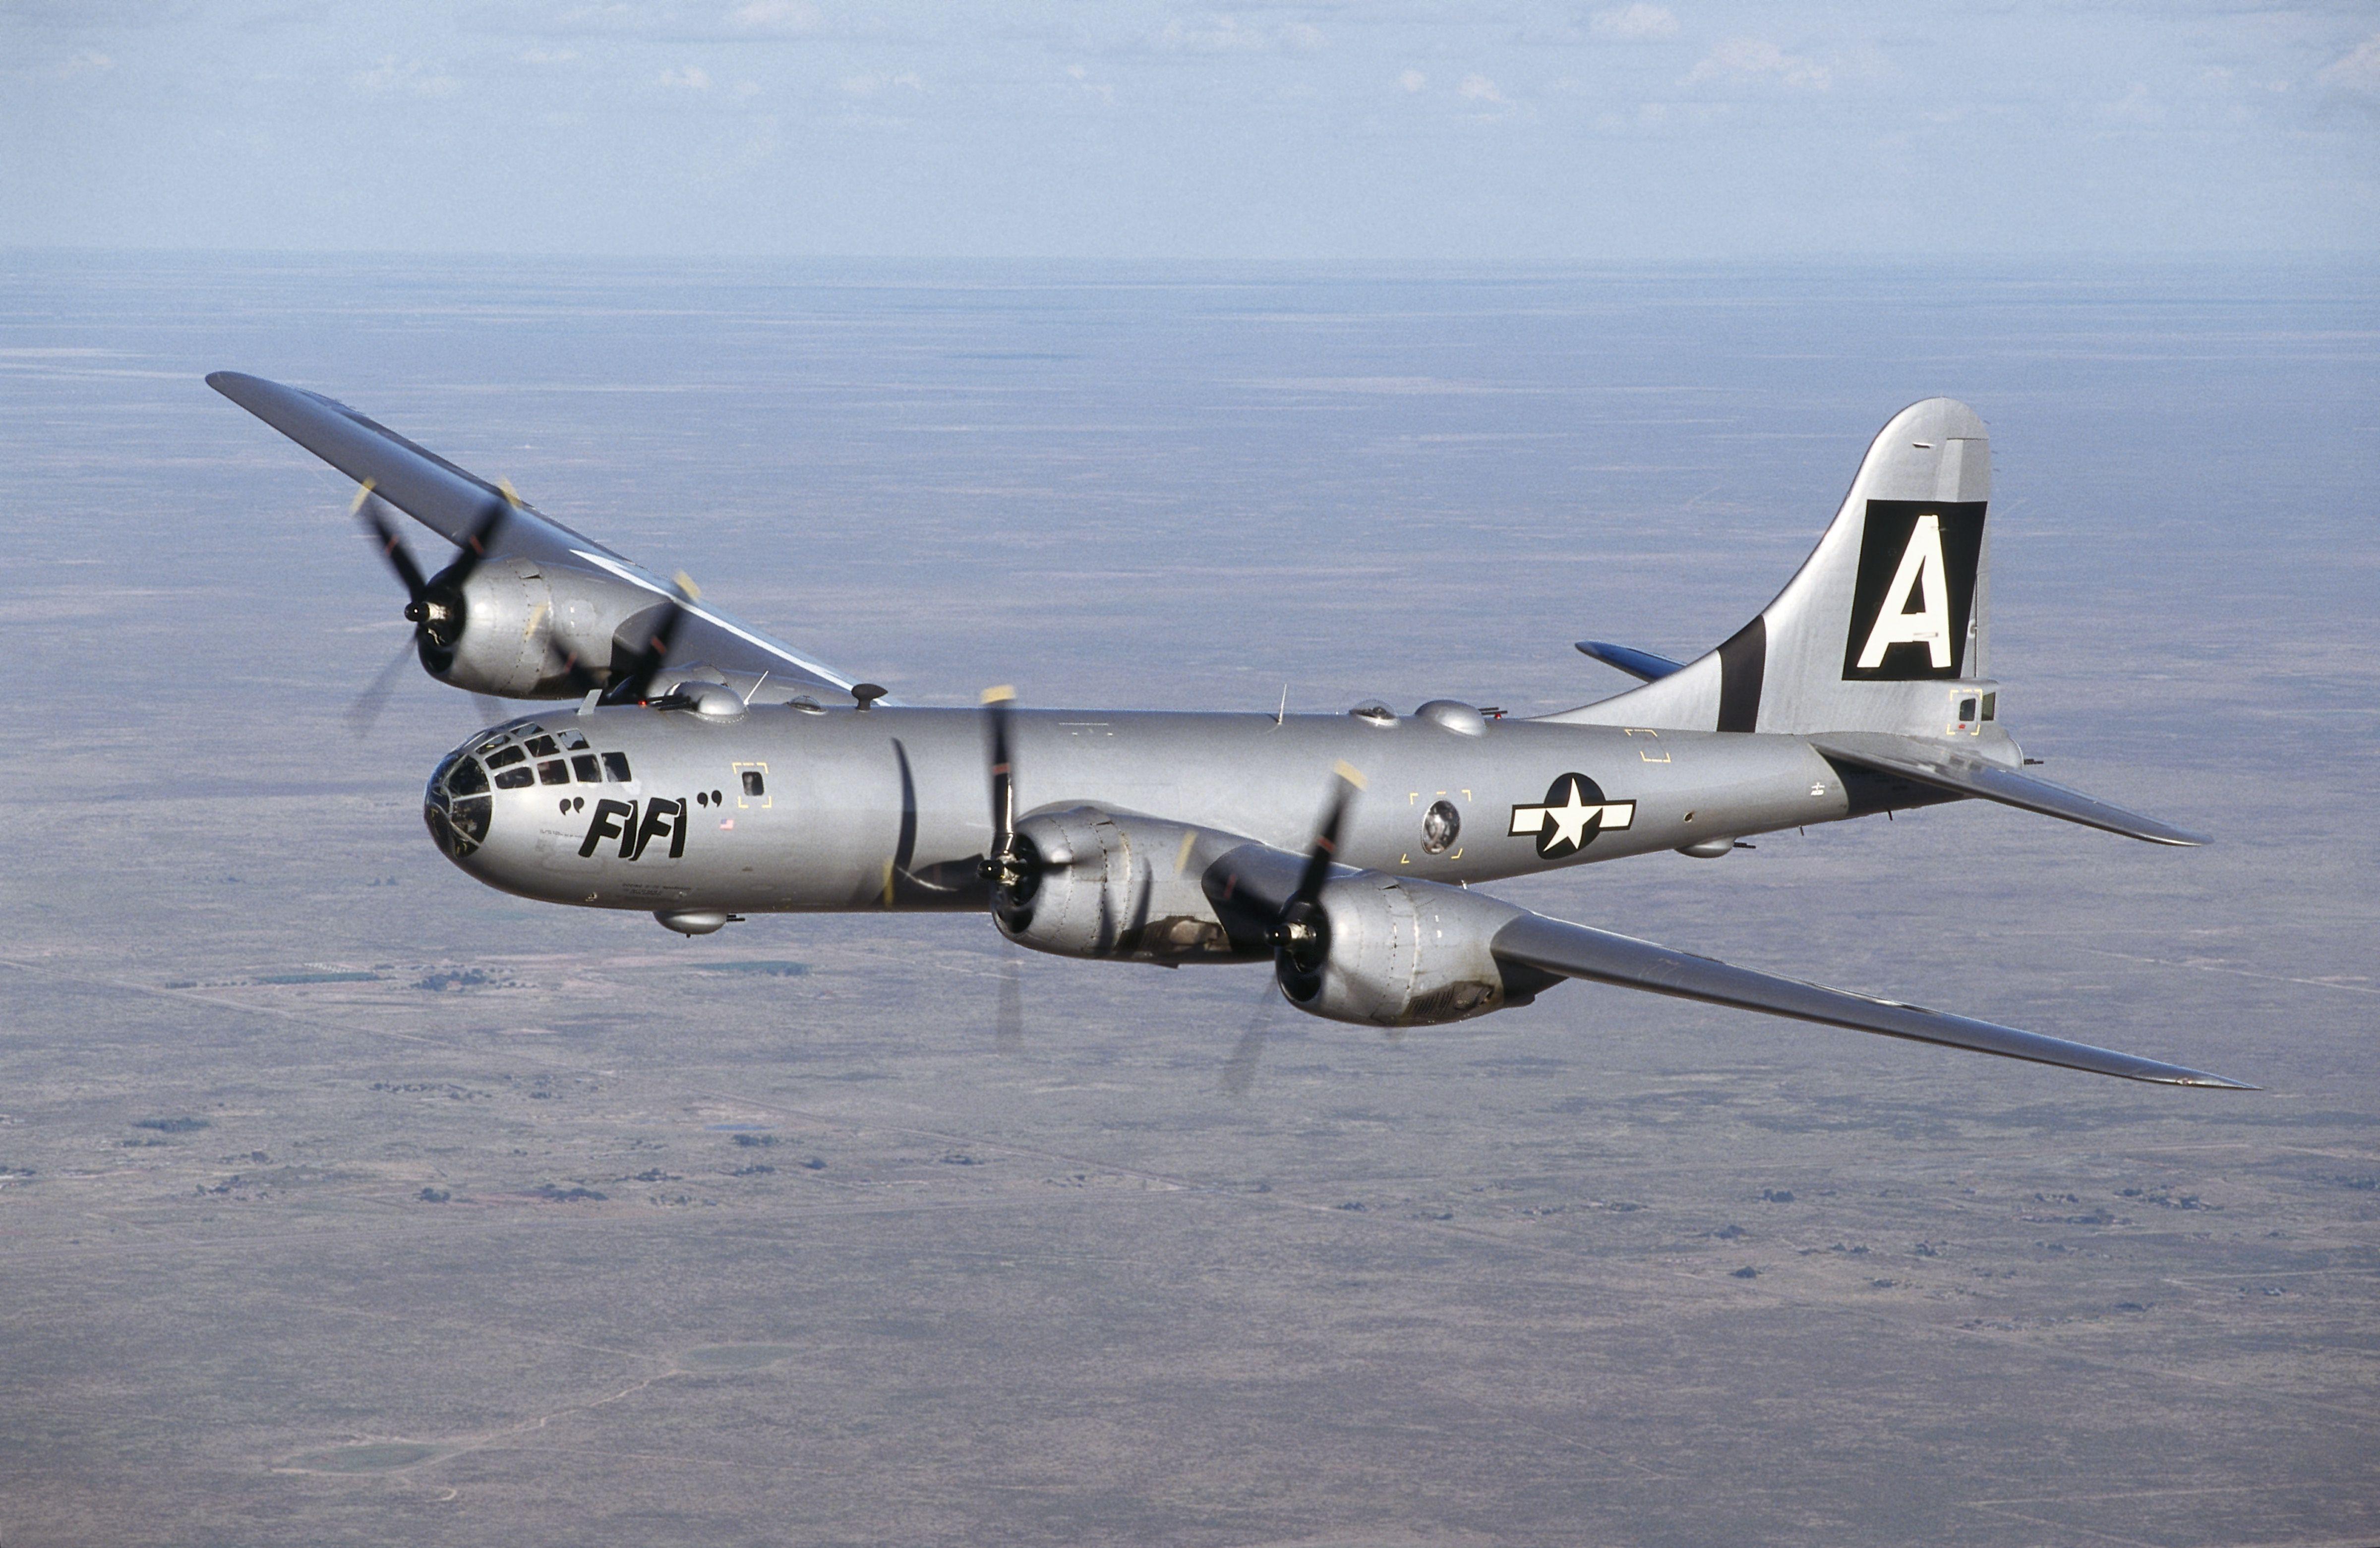 boeing-b-29-super-fortress-named-fifi-flying-over-a-desert-news-photo-1591386984.jpg